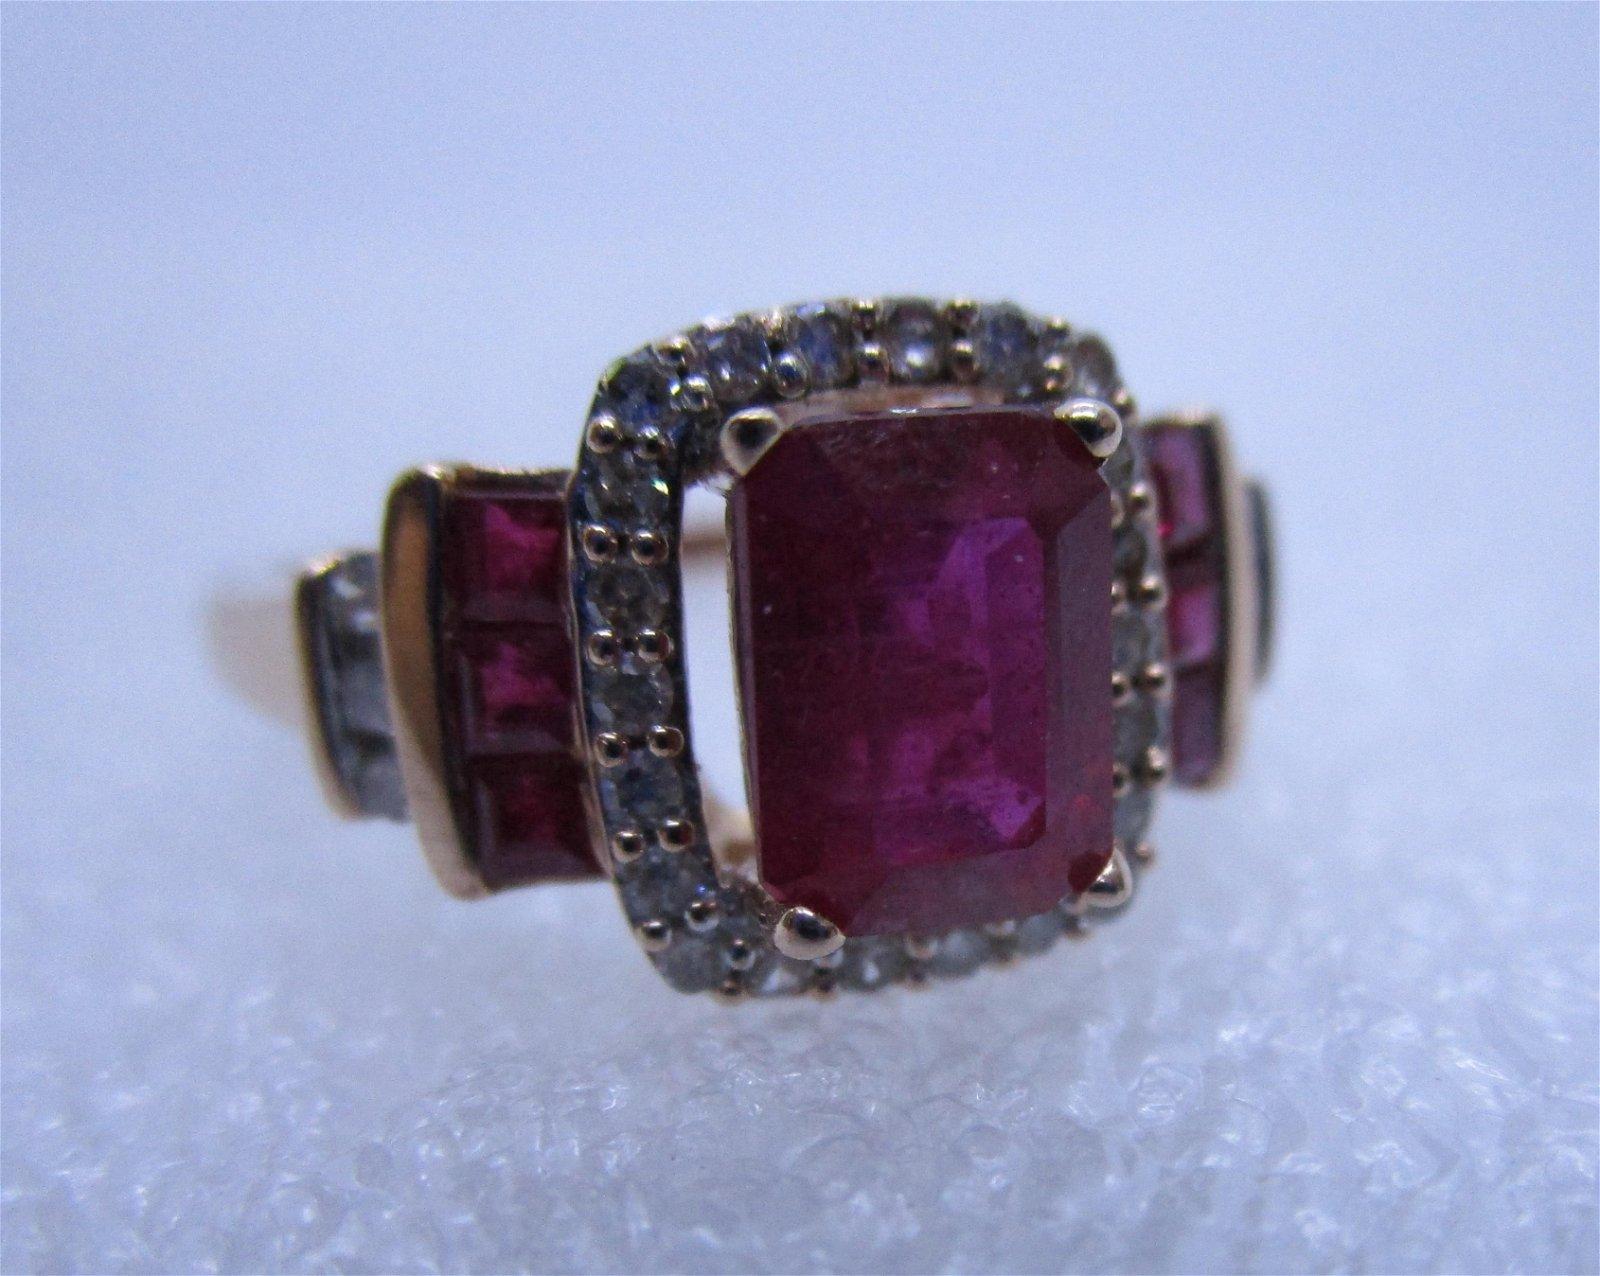 2 CARAT RUBY DIAMOND 14K ROSE GOLD RING SIZE 7